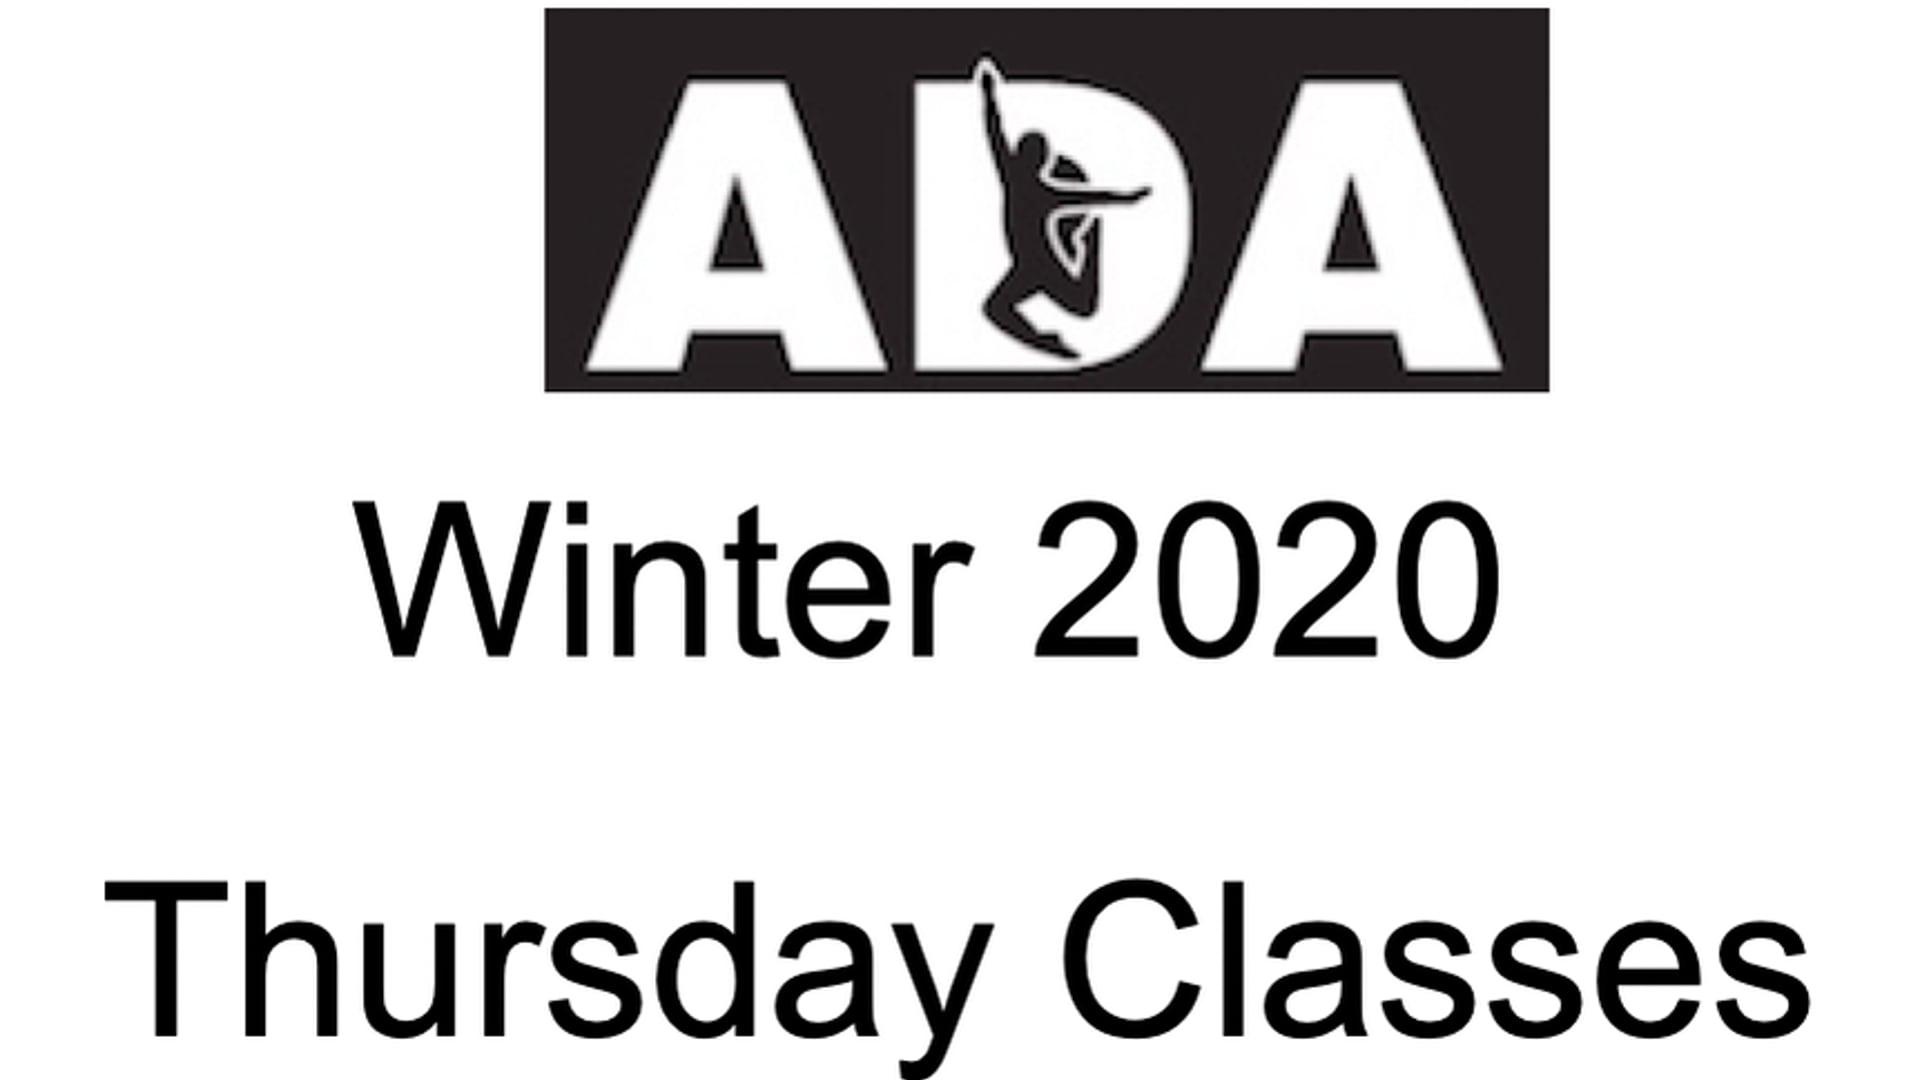 Winter 2020 Thursday